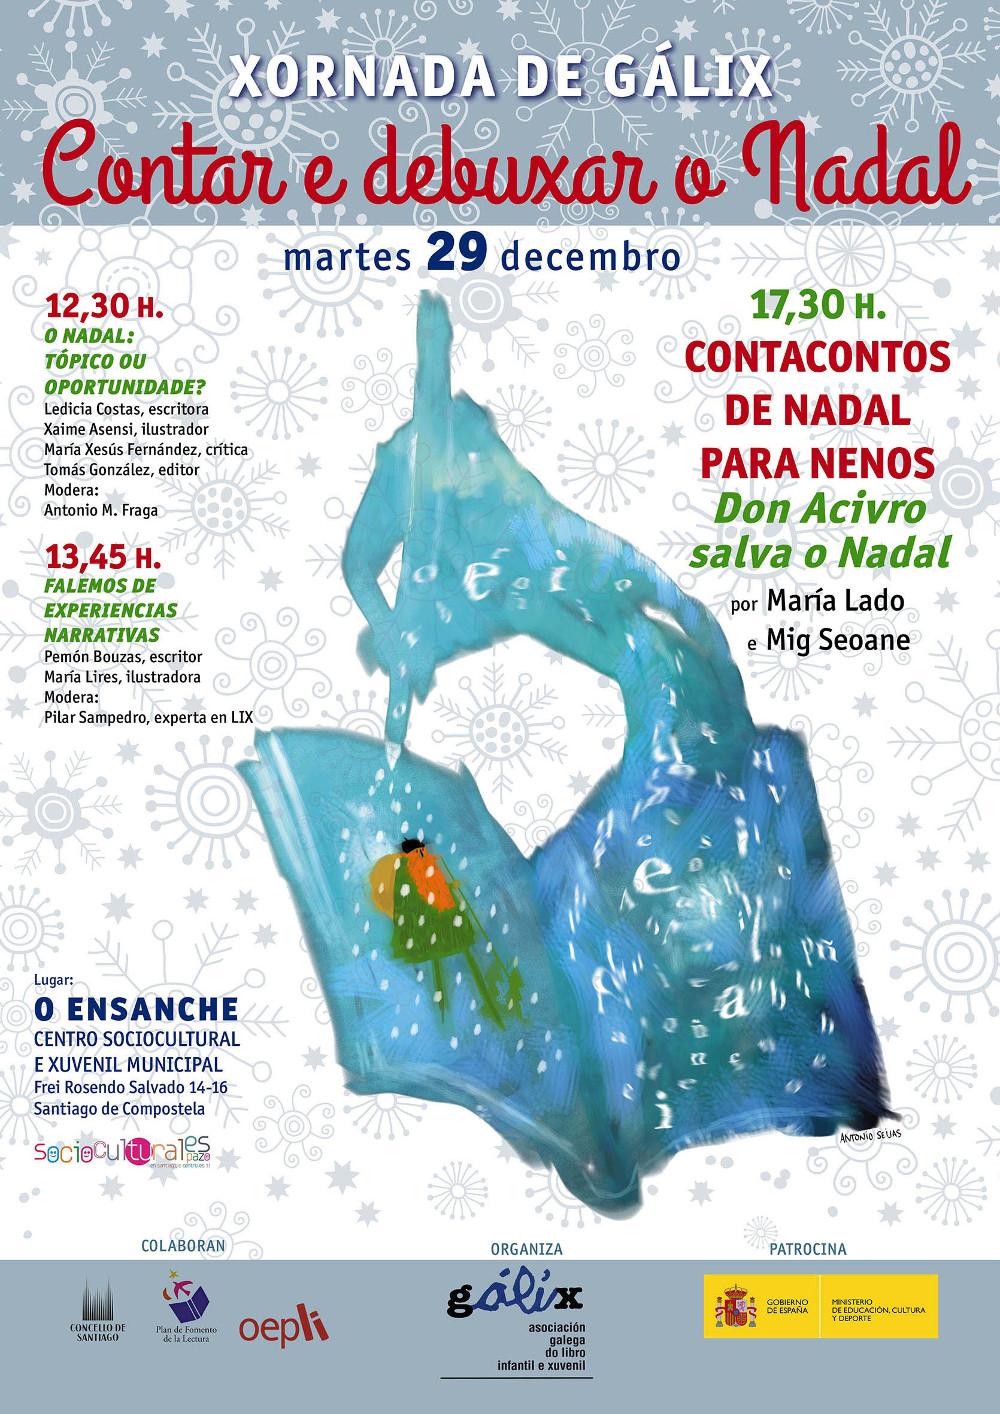 Evento GALIX dia 29 de decembro